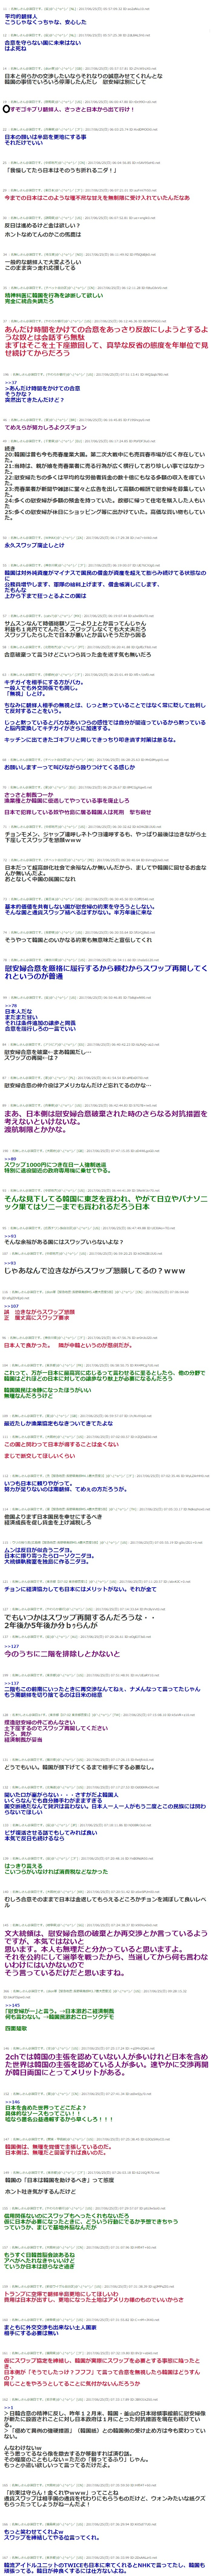 「日本の努力が足りない」といいながらスワップなど改善切望の韓国2